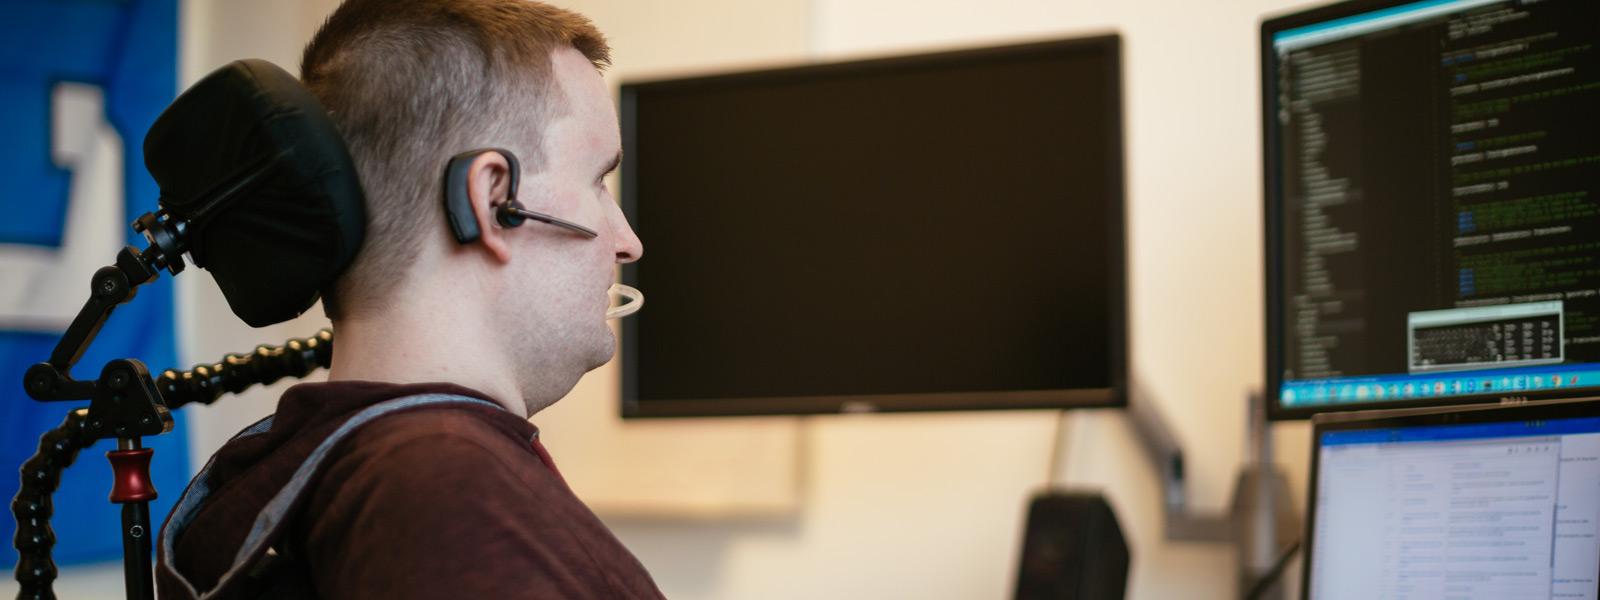 桌前的男人使用輔助硬件技術,用眼球控制操作 Windows 10 電腦